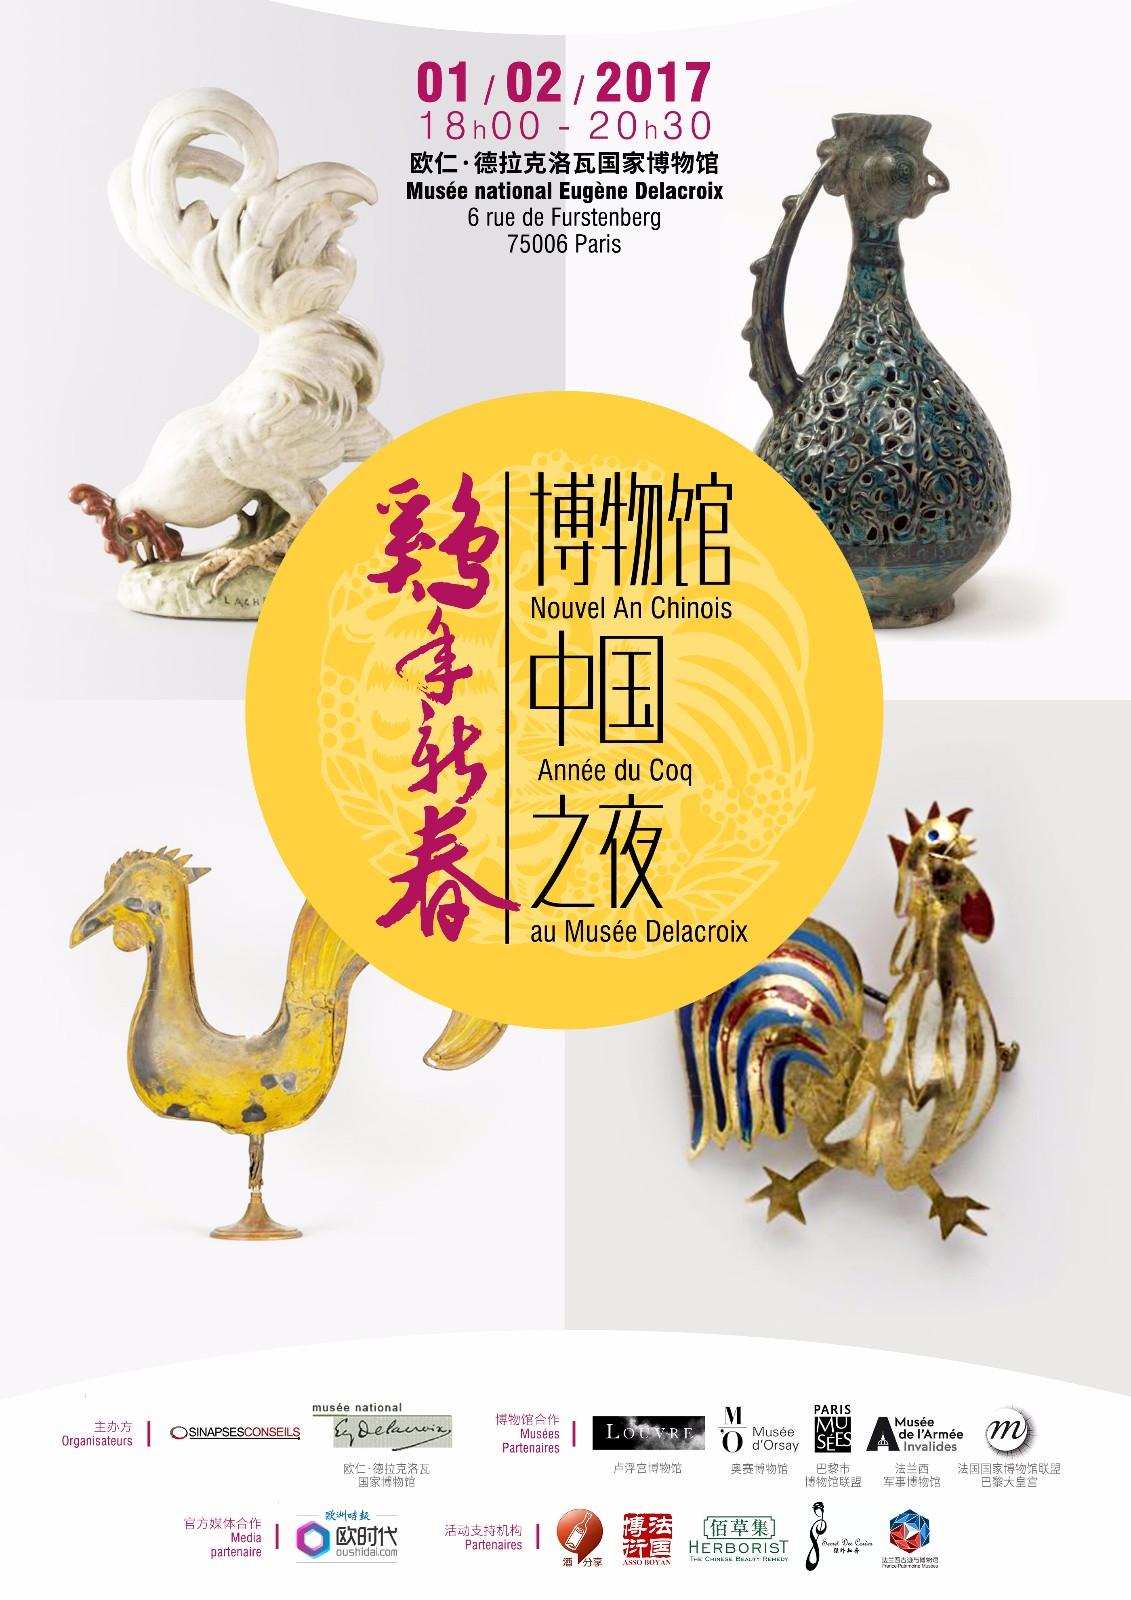 博物馆中国之夜,邀你共贺鸡年新春